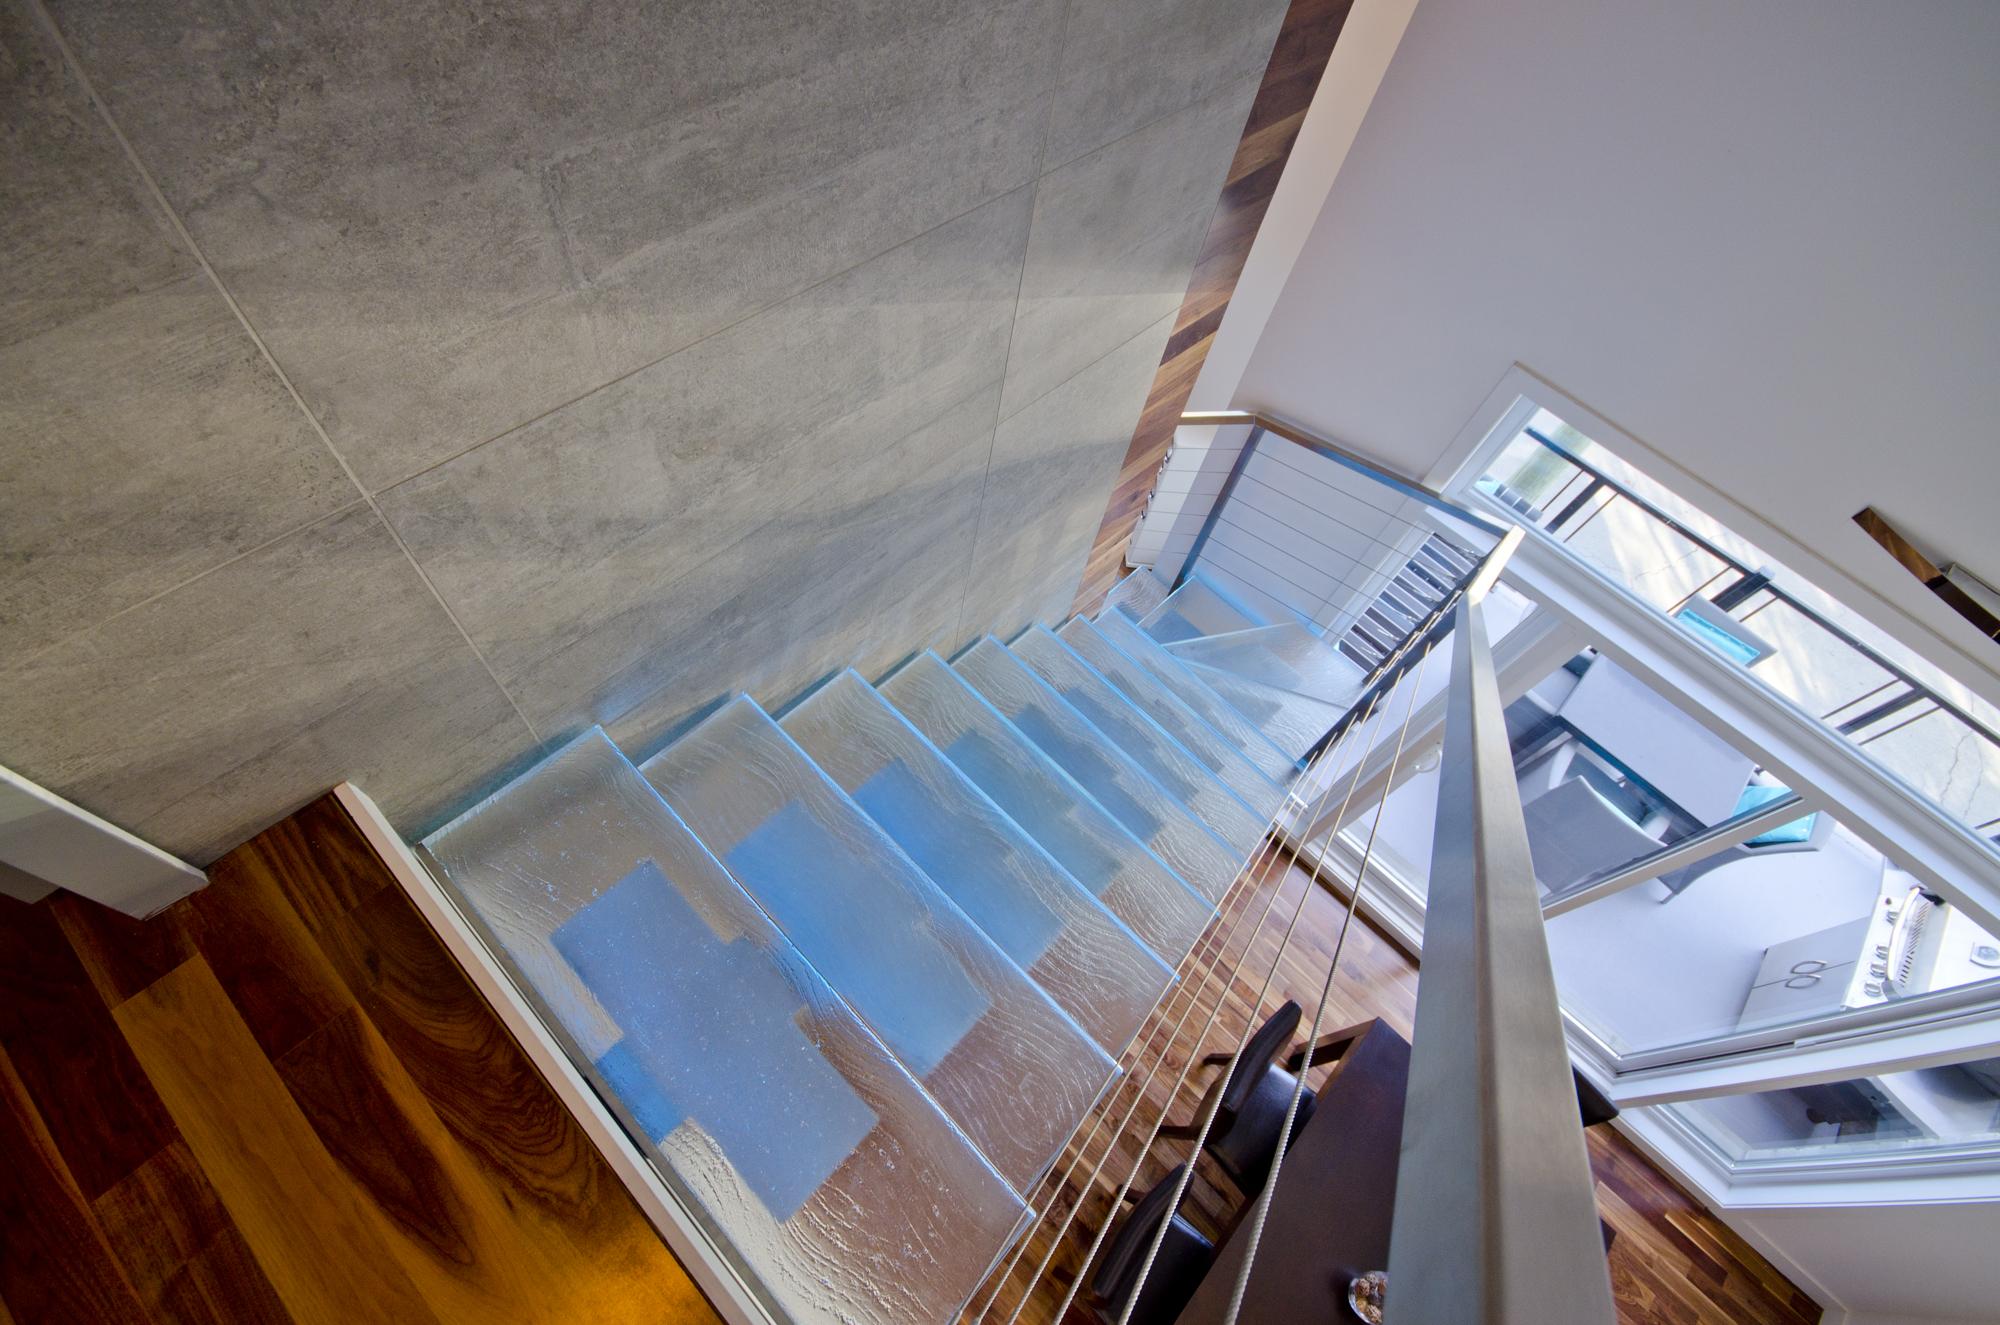 Escalier Point De Vue By Thinkglass Inc Archello